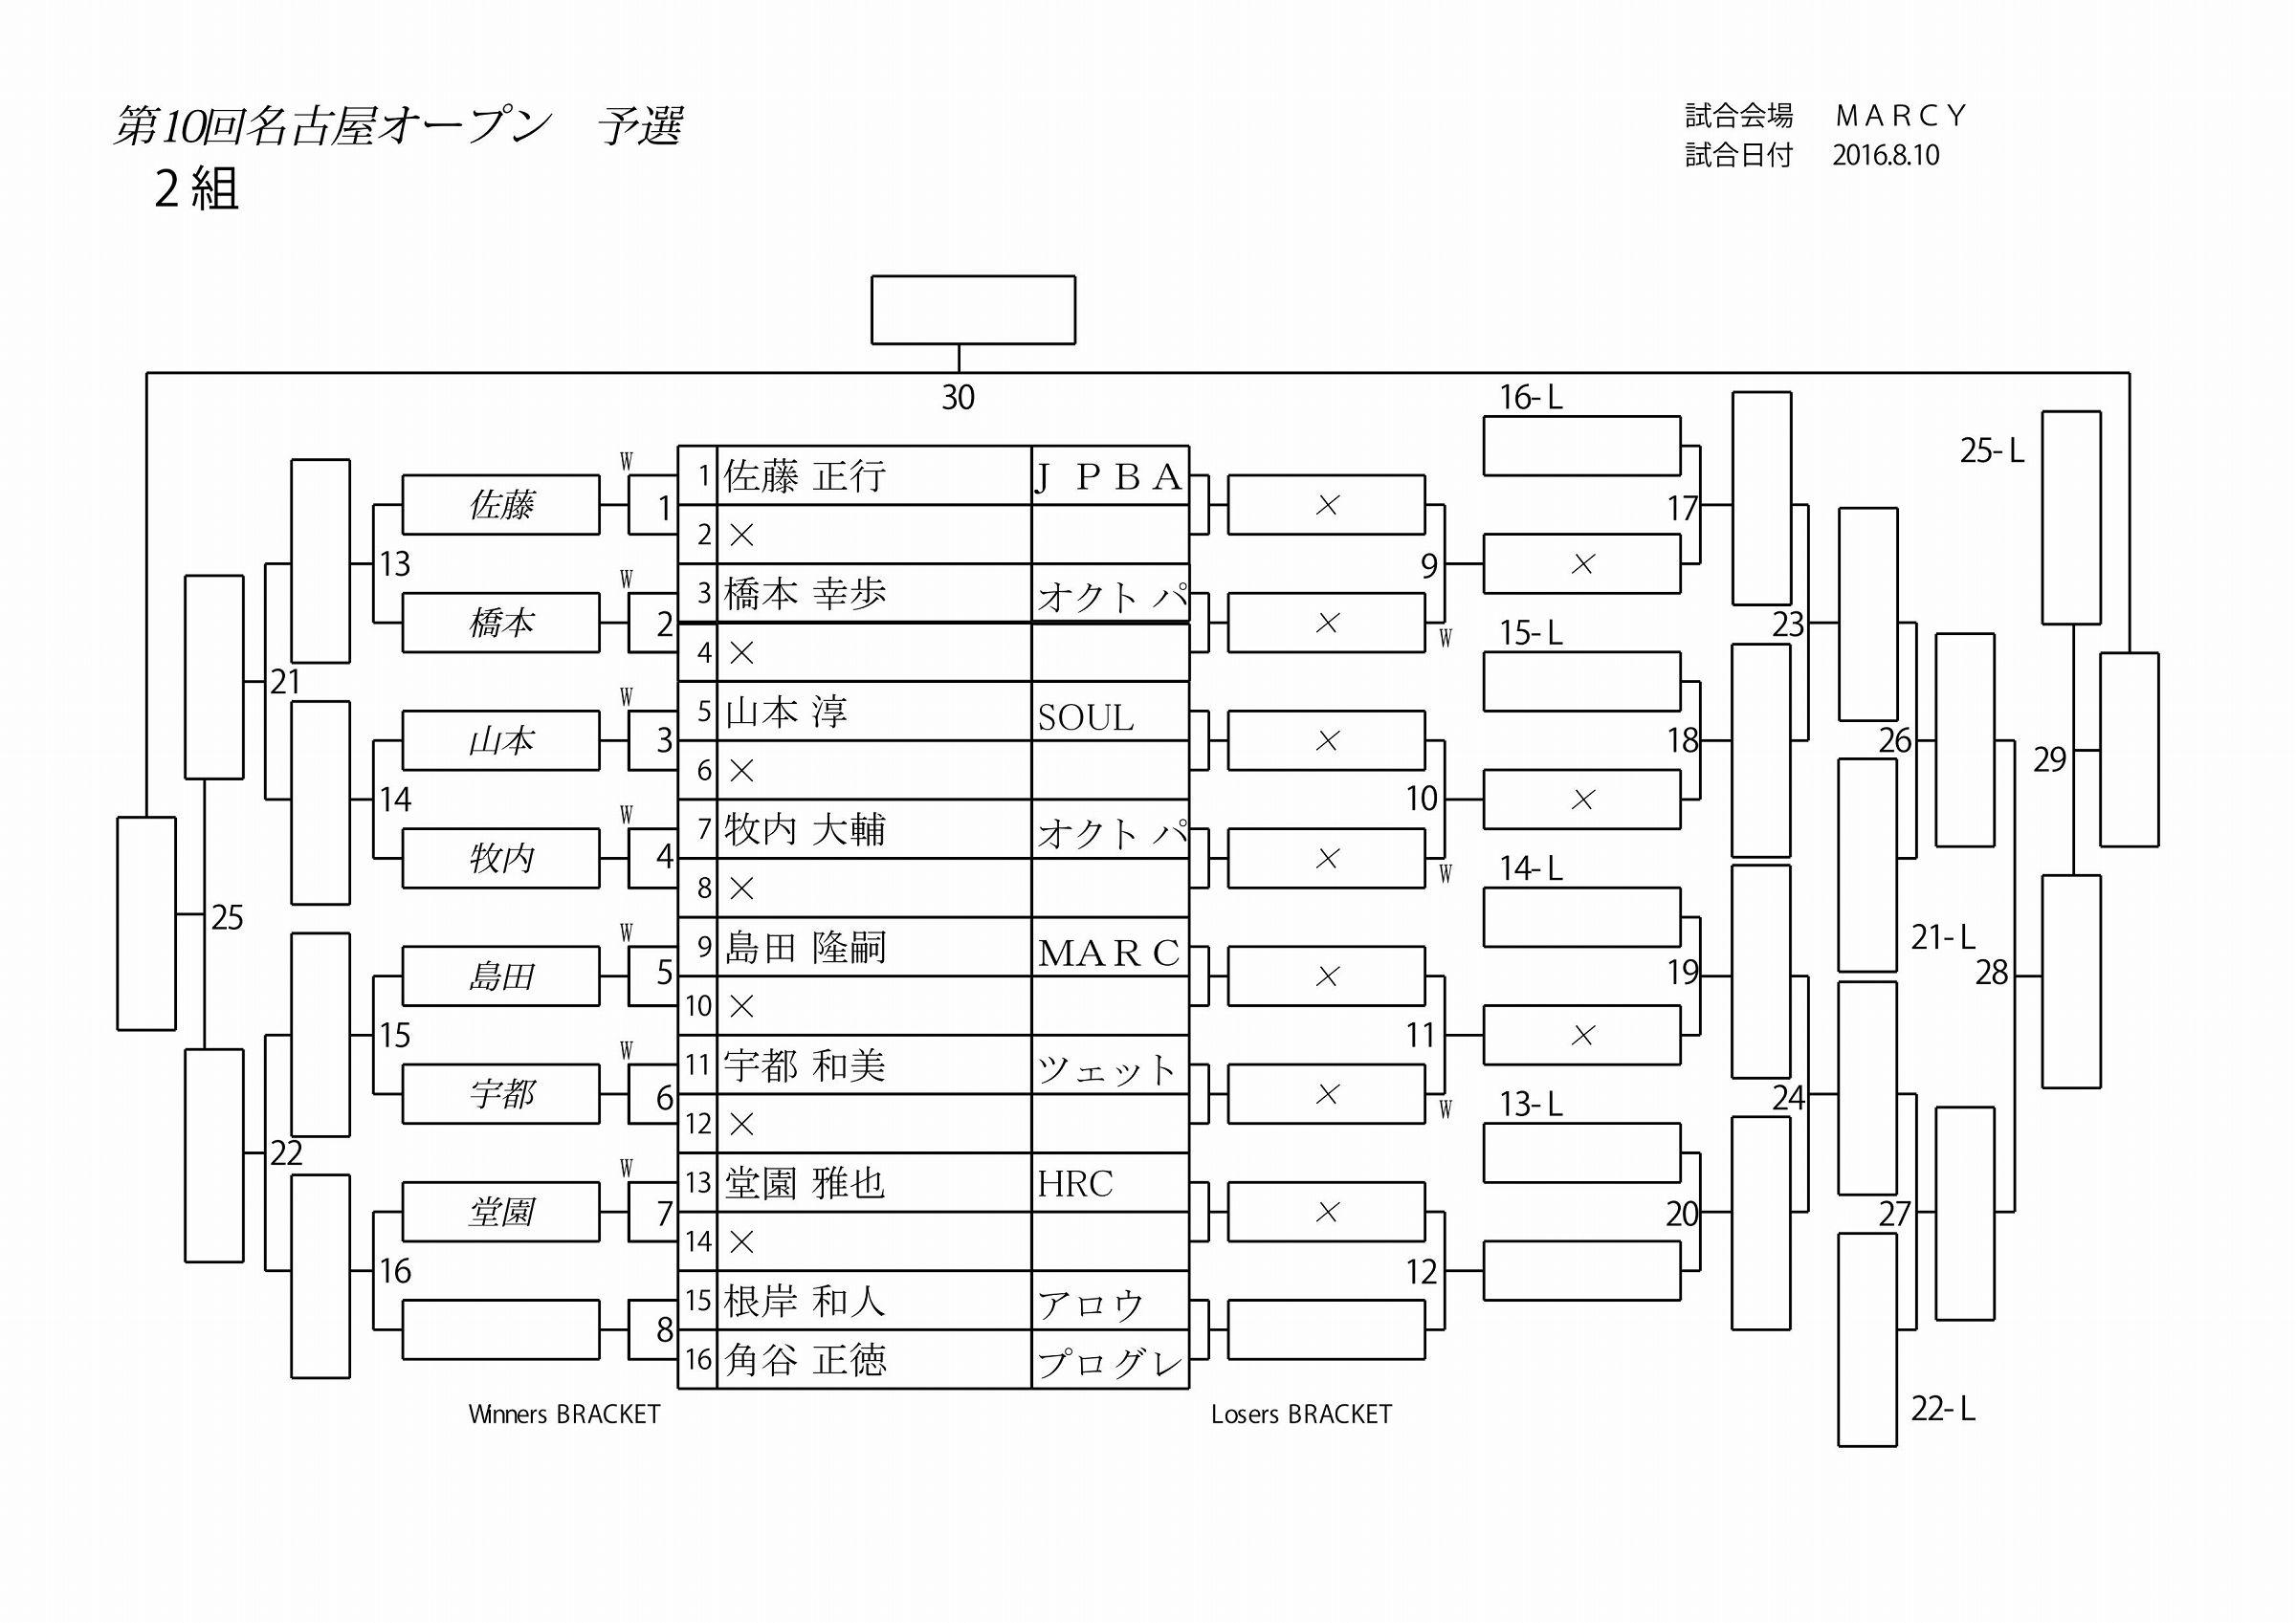 nagoya-op_02